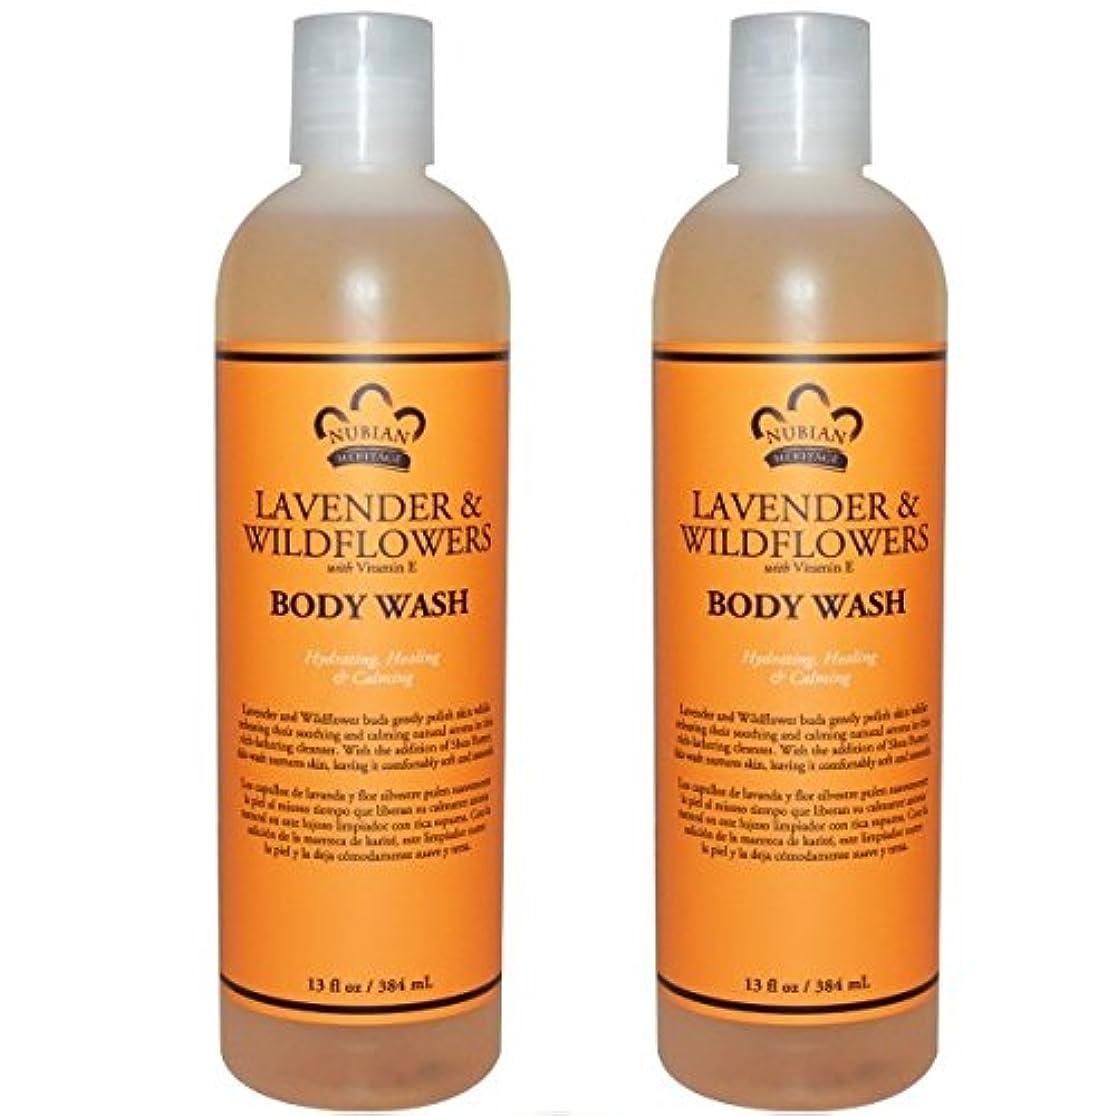 茎評判透過性【海外直送品】【2本】Nubian Heritage Body Wash Relaxing & Nourishing, Lavender & Wildflowers - 13 fl oz (384 ml)